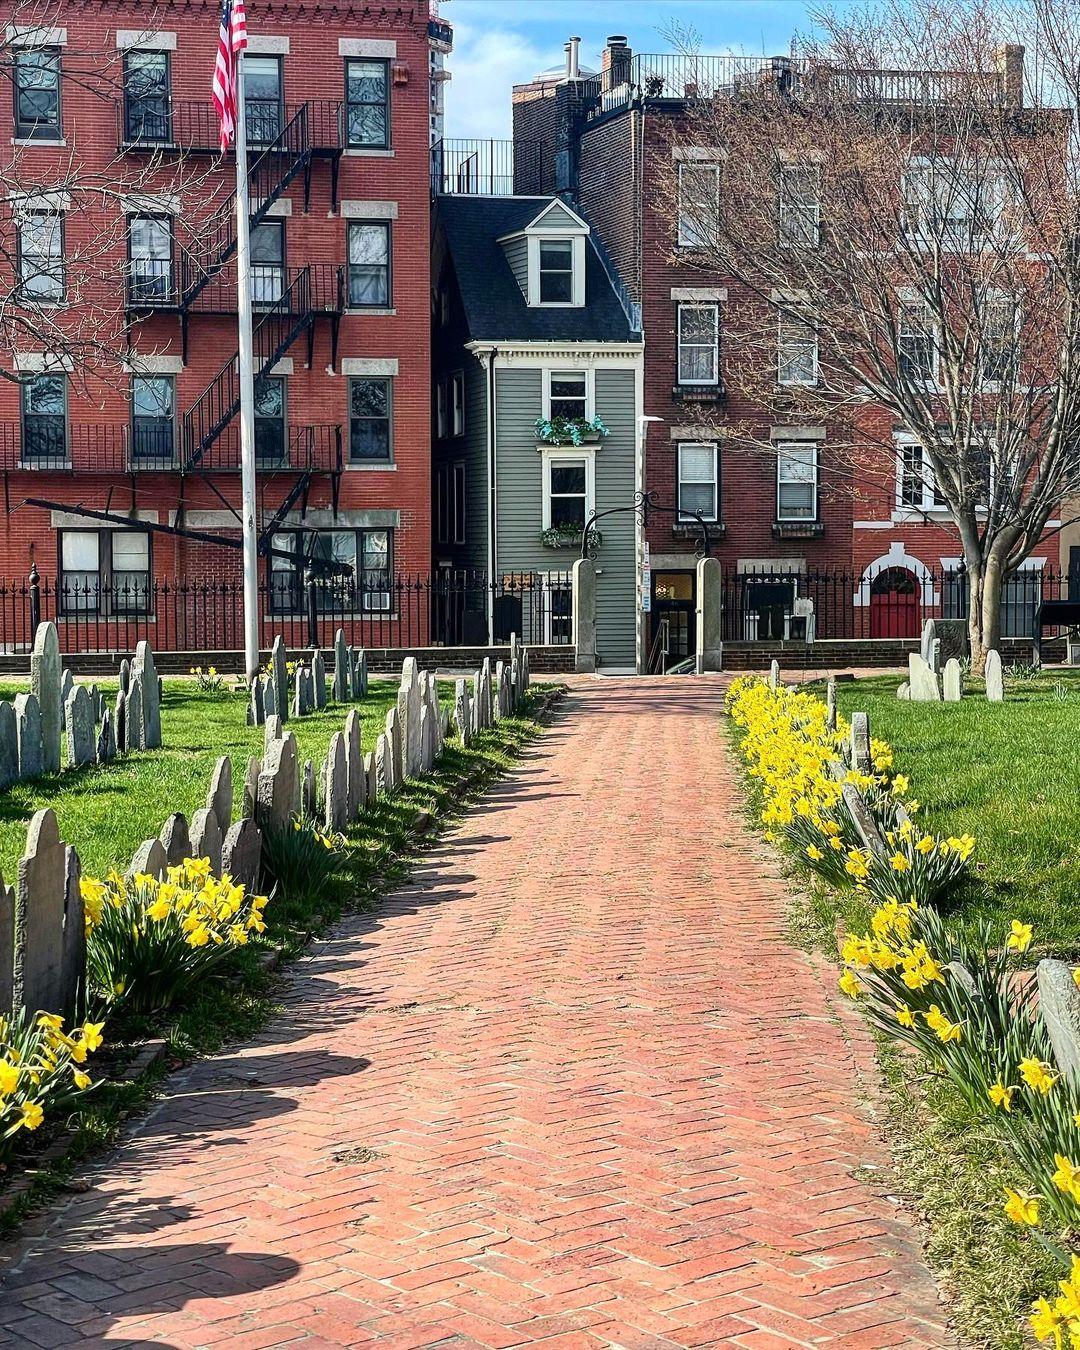 Ngôi nhà toạ lạc tại số 44 phố Hull, North End Boston, cách đường mòn Freedom không xa. Ảnh: Roadtrip New England